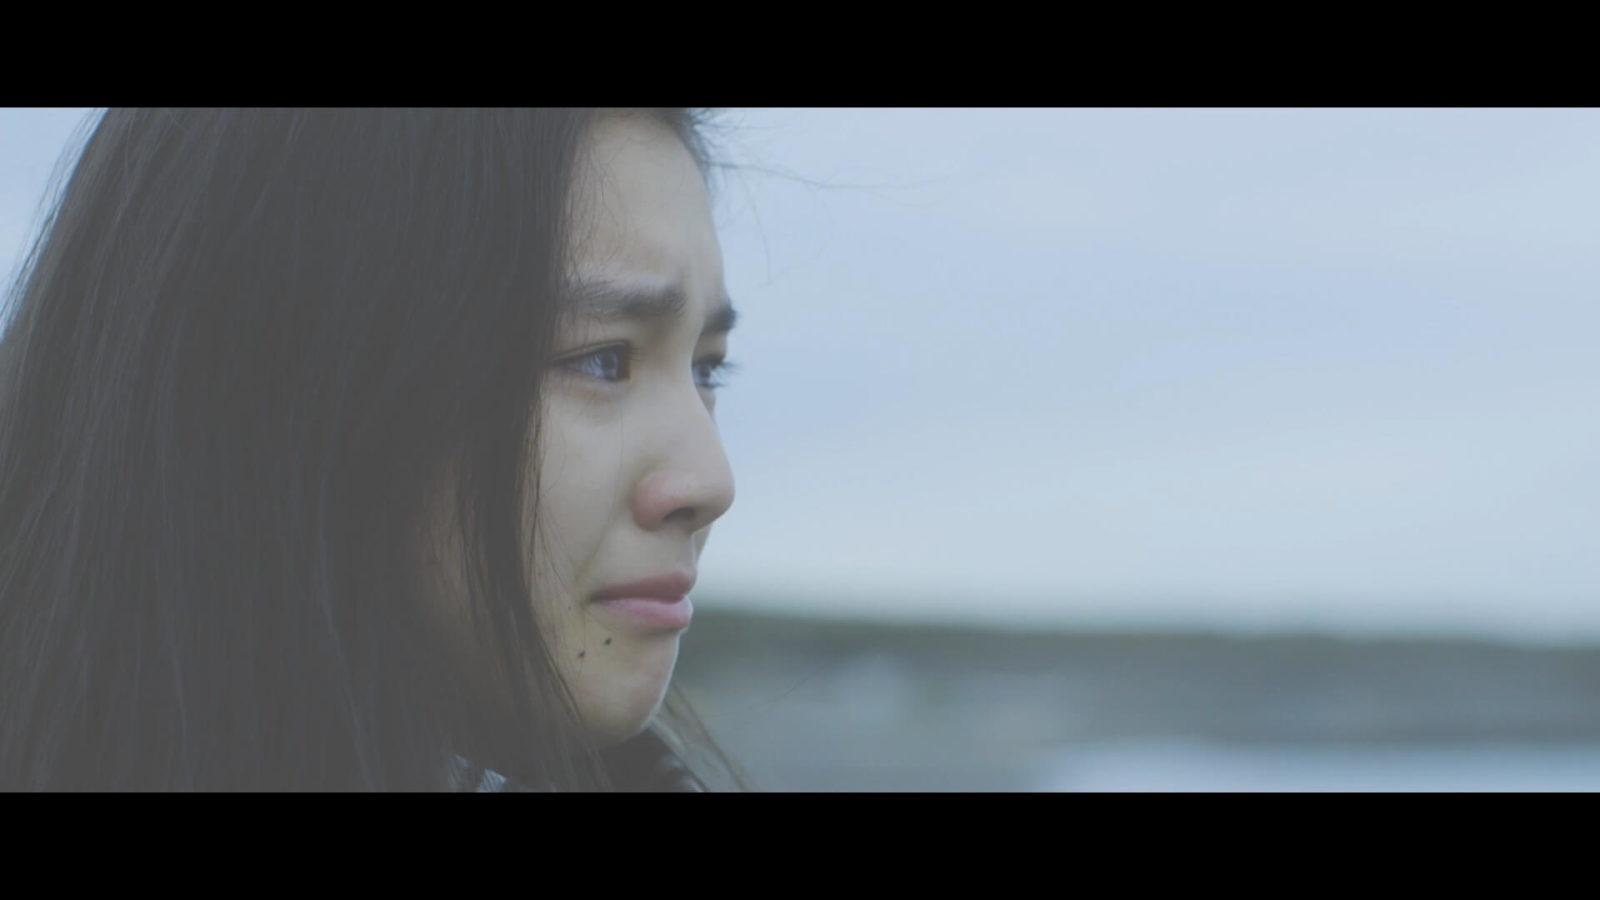 Uru 「プロローグ」CDリリース記念に24時間限定MVフルサイズ公開&サブスク情報解禁サムネイル画像